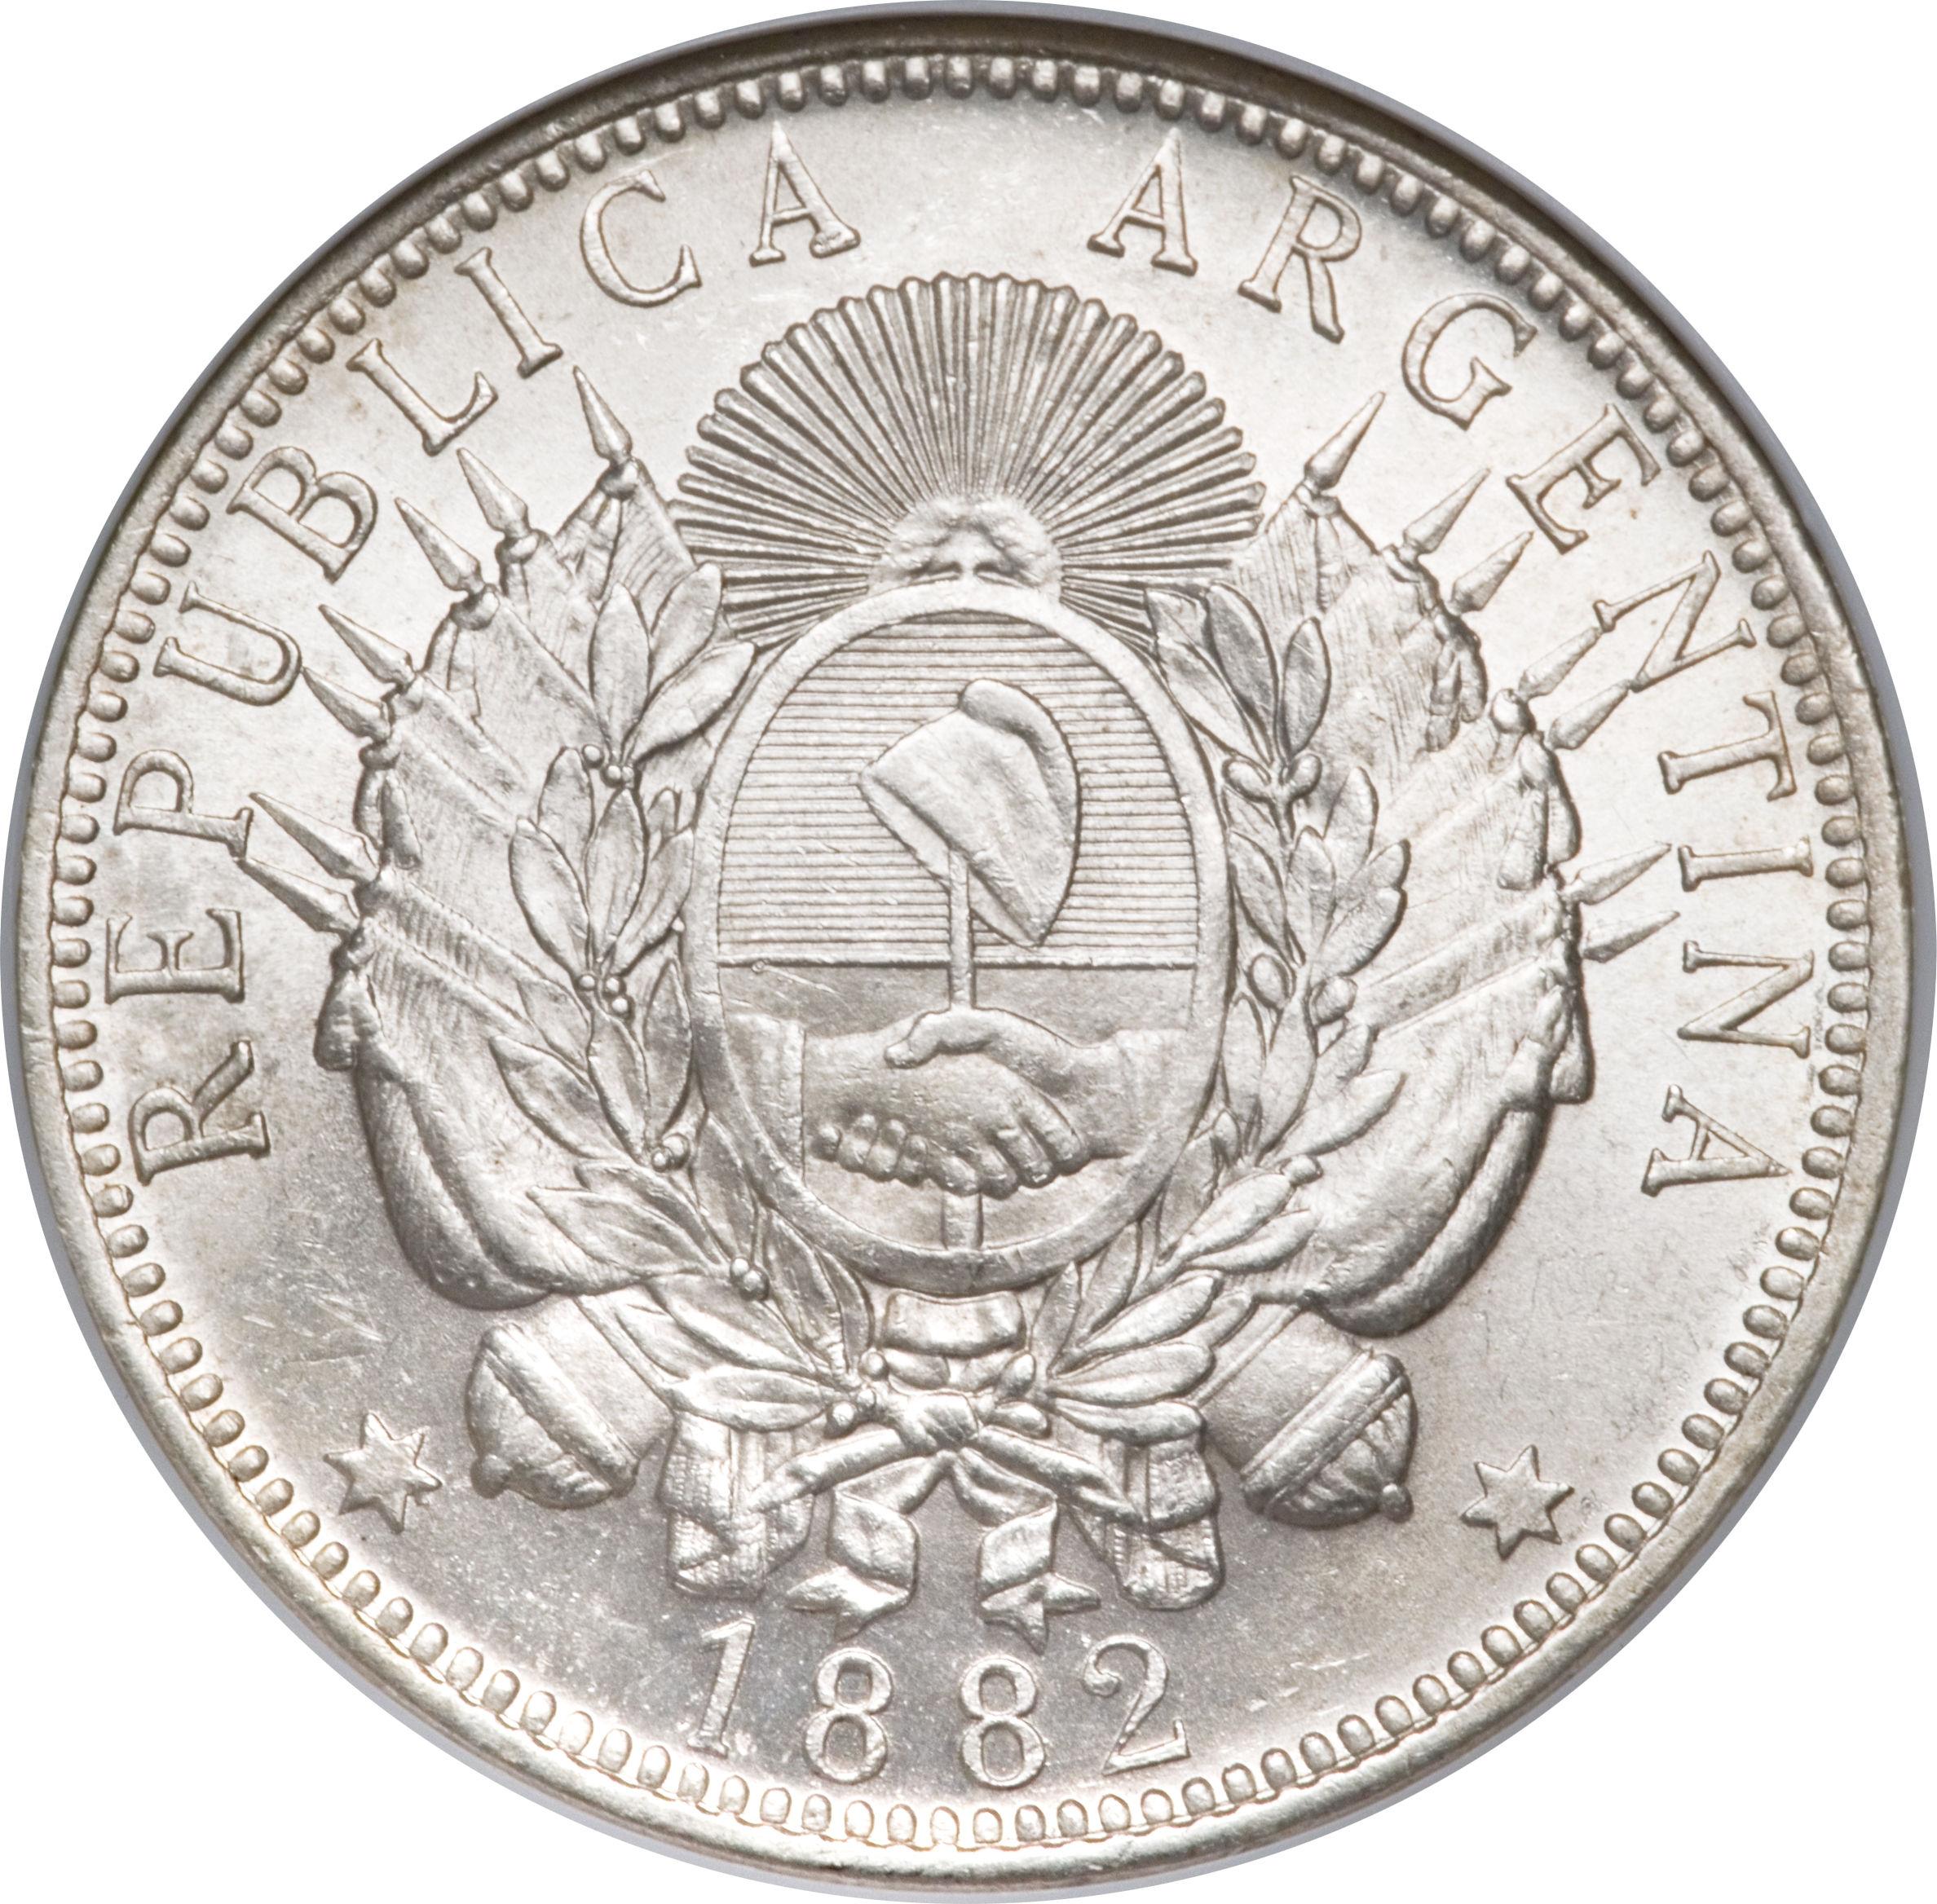 1 песо 50 копеек сколько это рублей